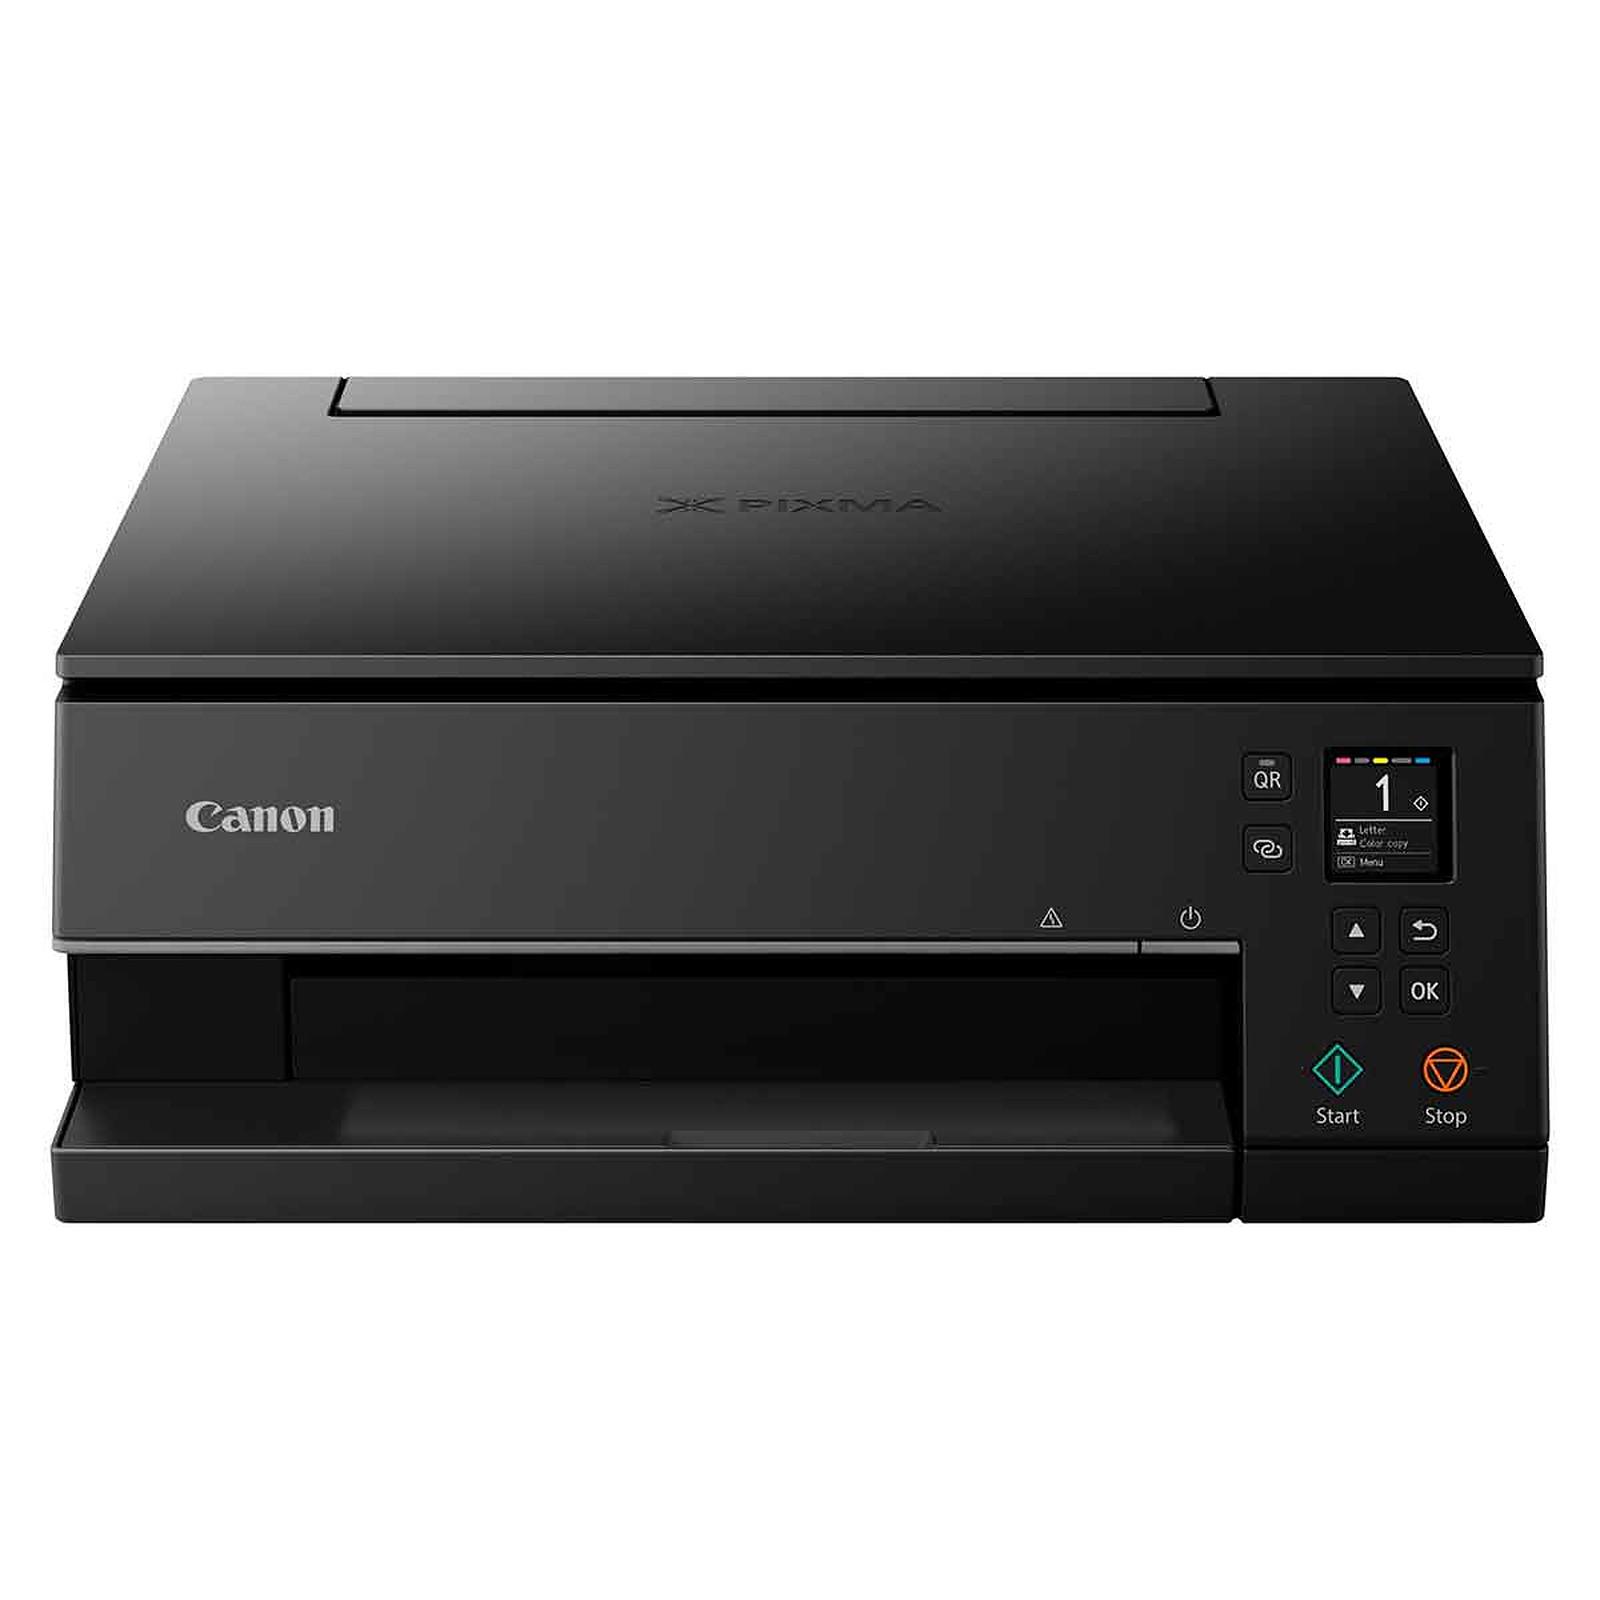 Imprimante multifonction Canon PIXMA TS6350 - Cybertek.fr - 0